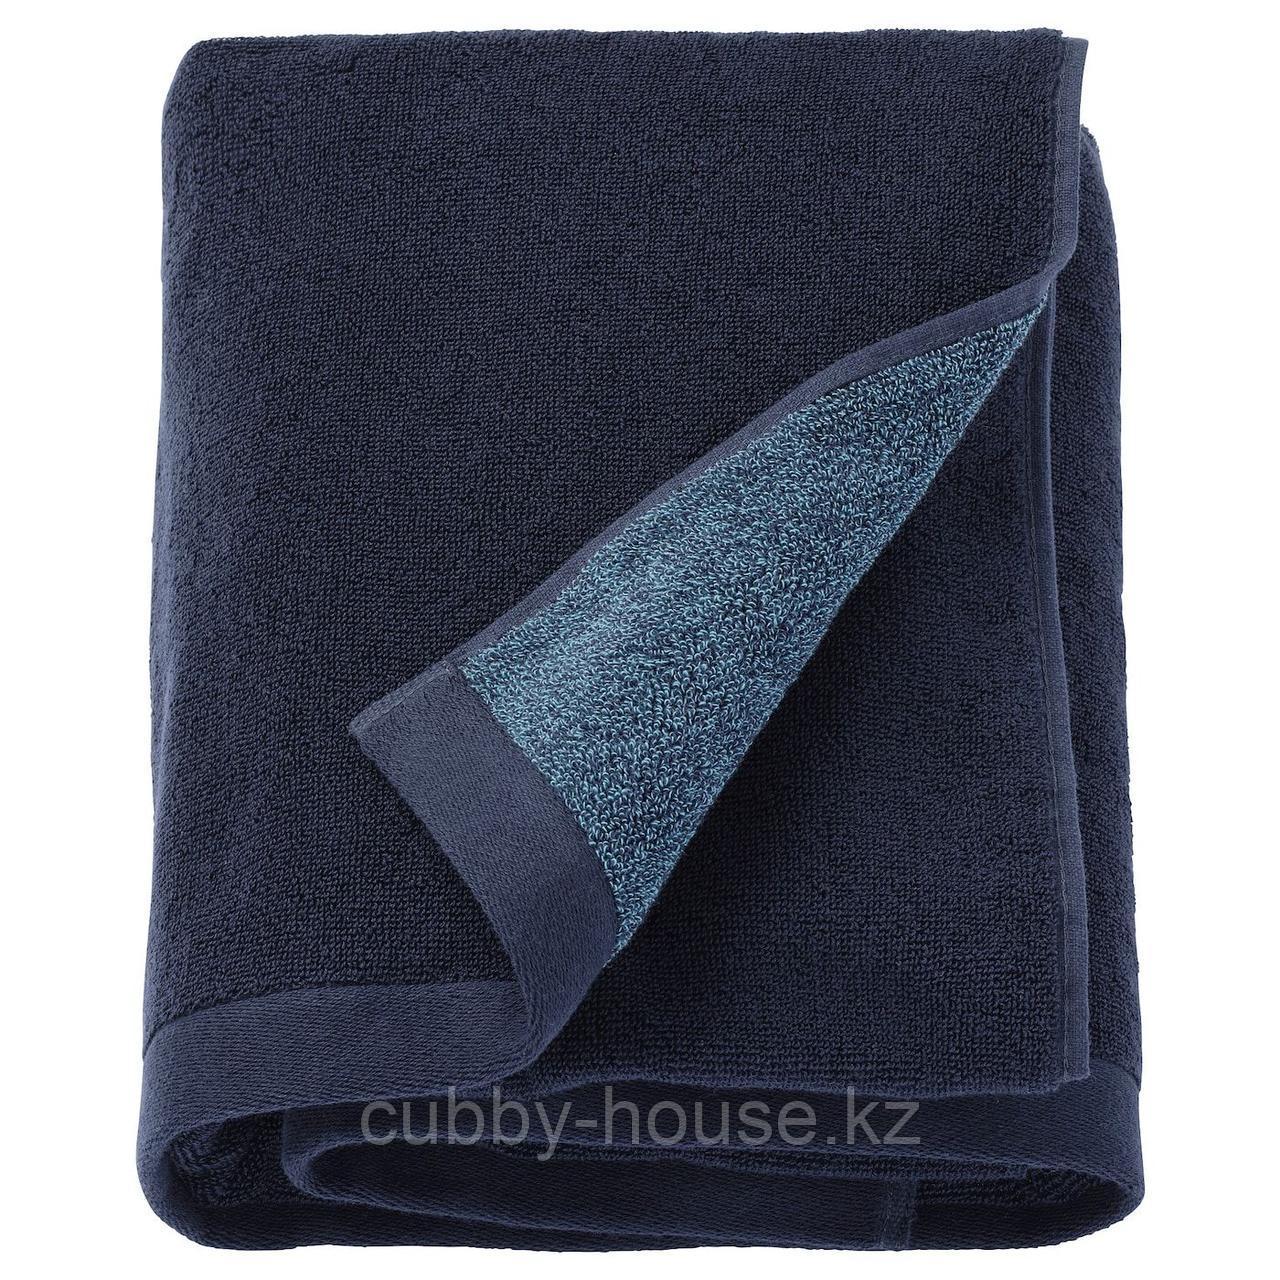 ХИМЛЕОН Полотенце, темно-синий, меланж, 50x100 см